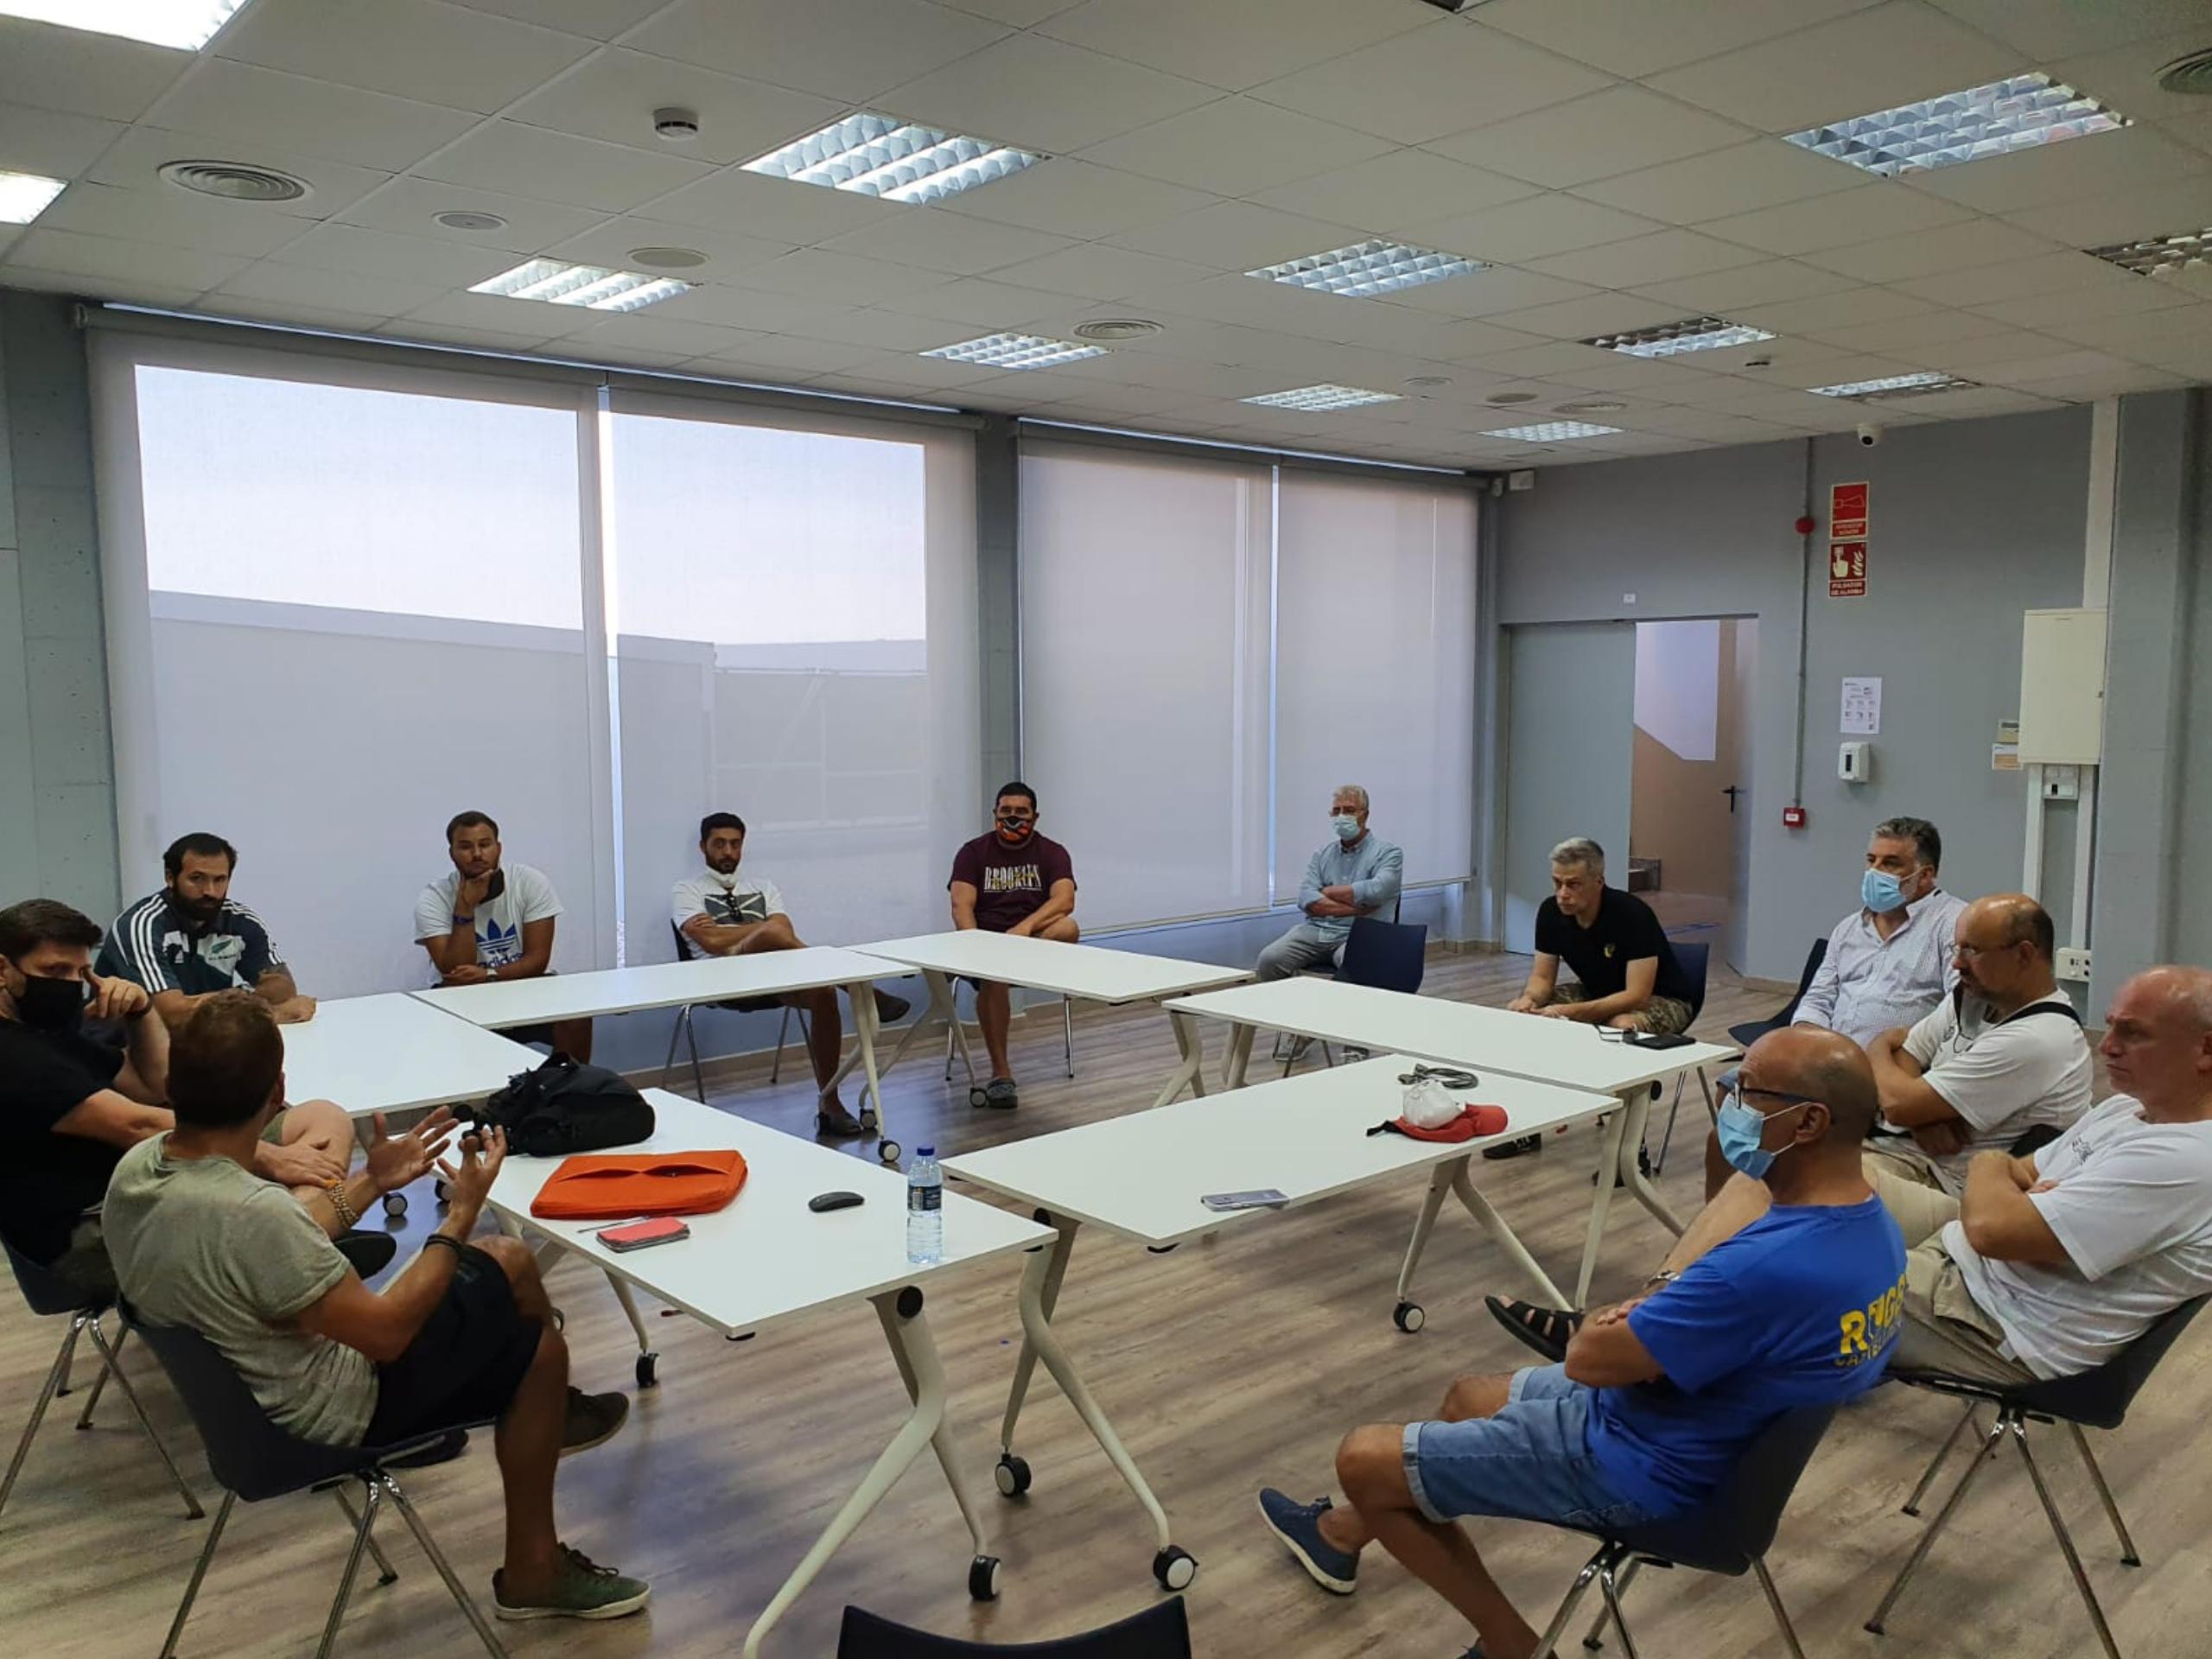 reunión entrenadores directiva CRUC en can roca